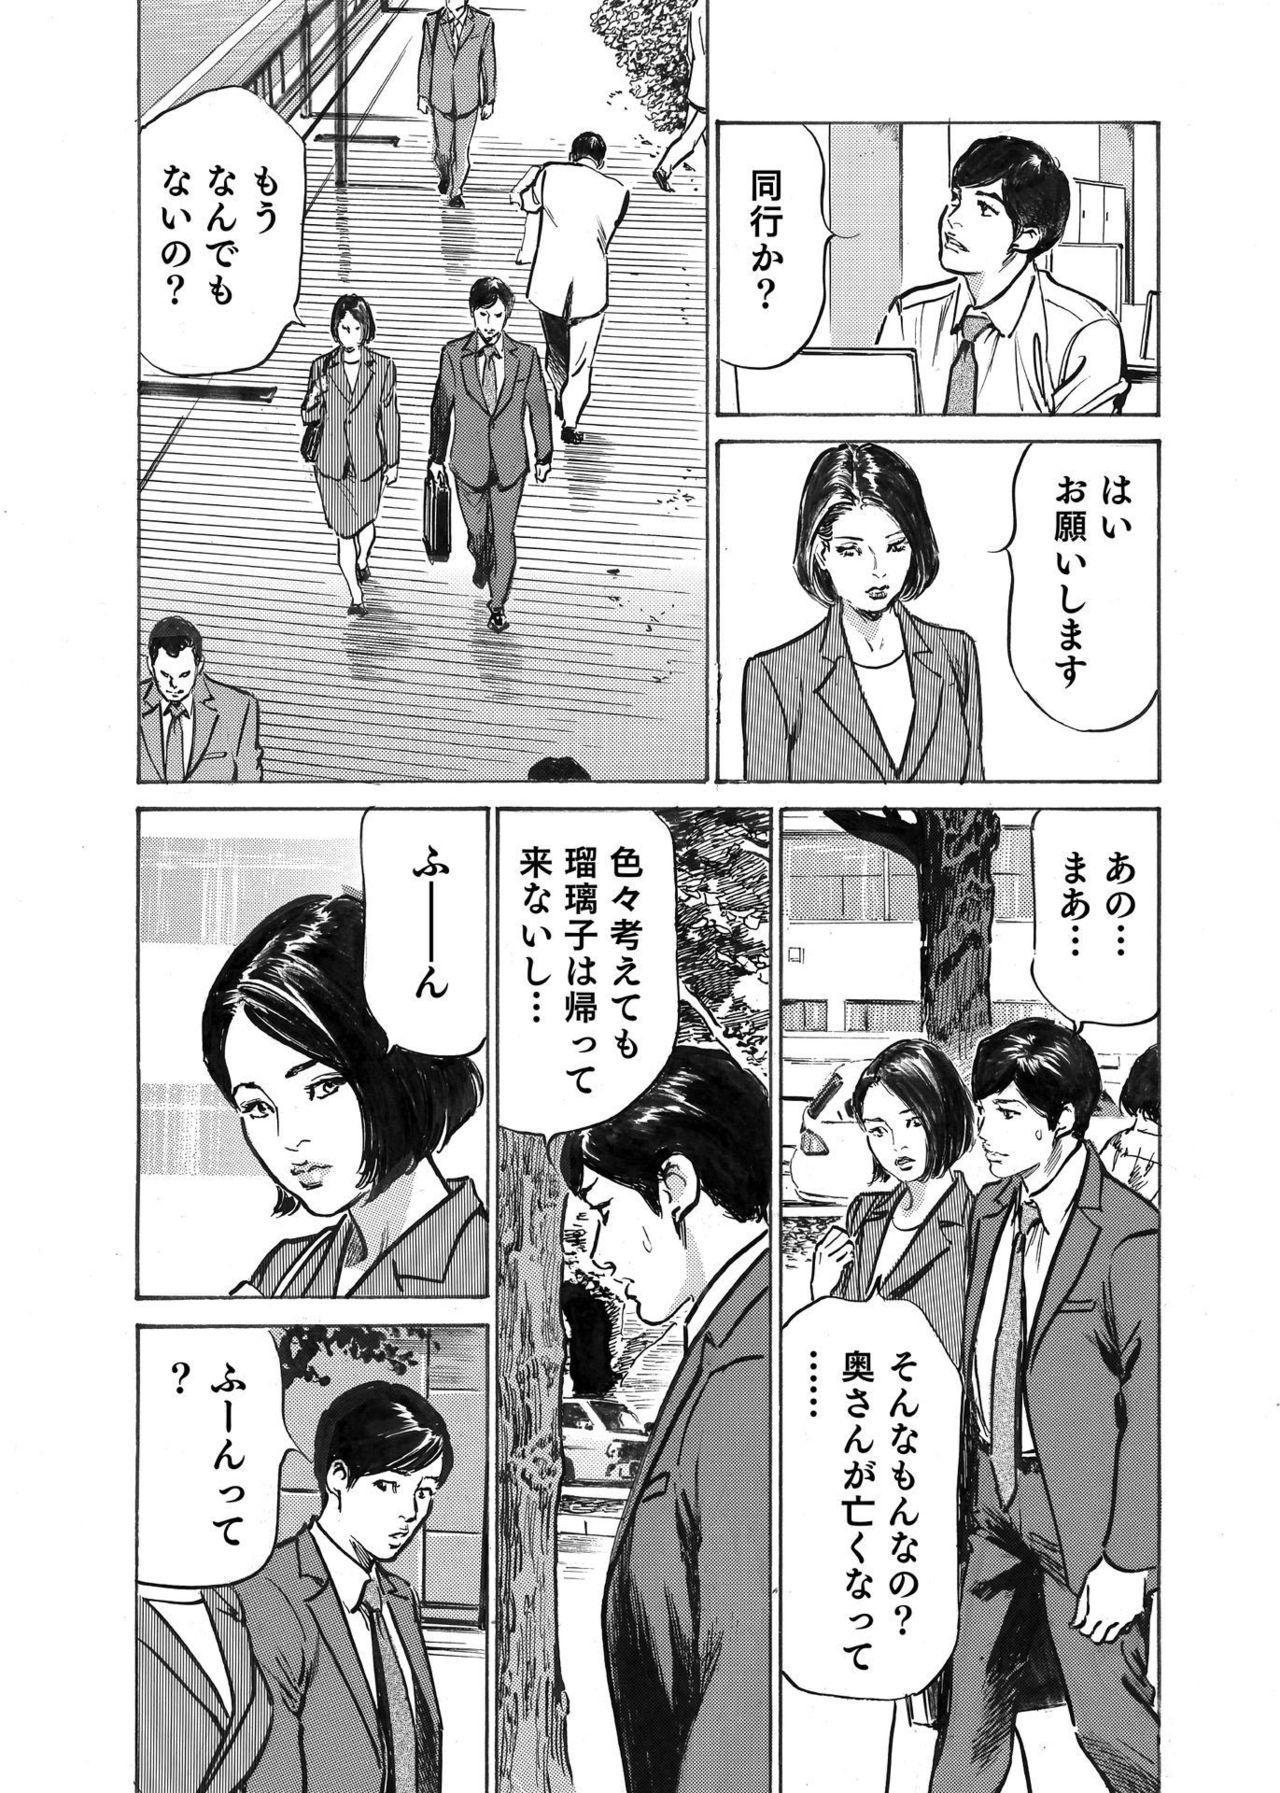 Ore wa Tsuma no Koto o Yoku Shiranai 1-9 91